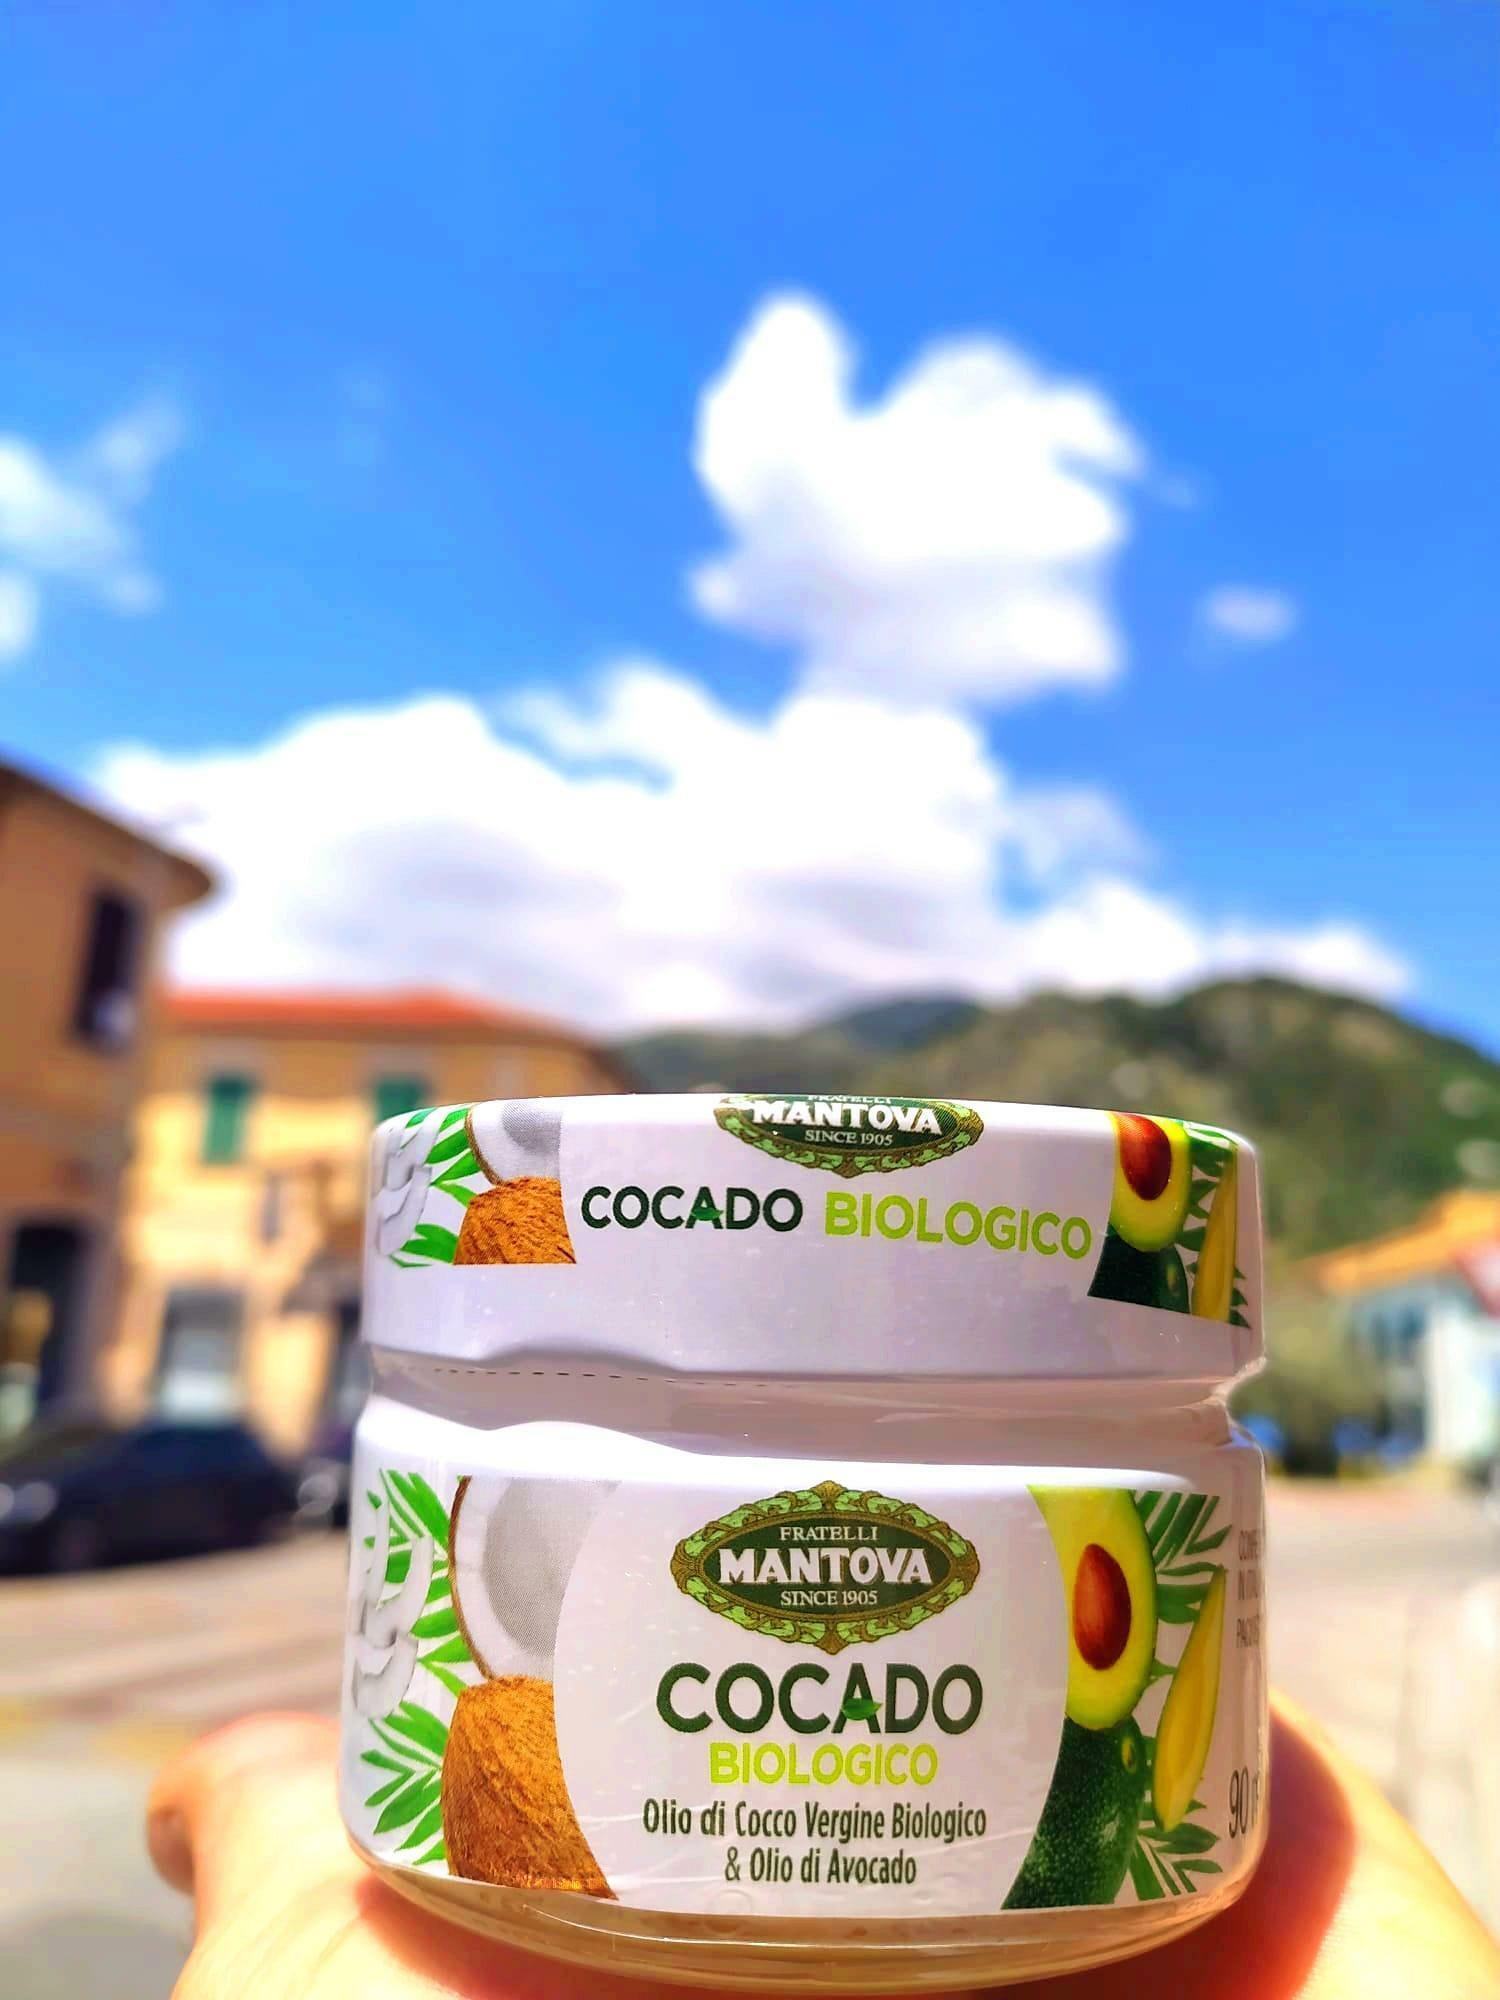 fratelli mantova cocado  biologico - olio di cocco vergine biologico & olio di avocado -  ml